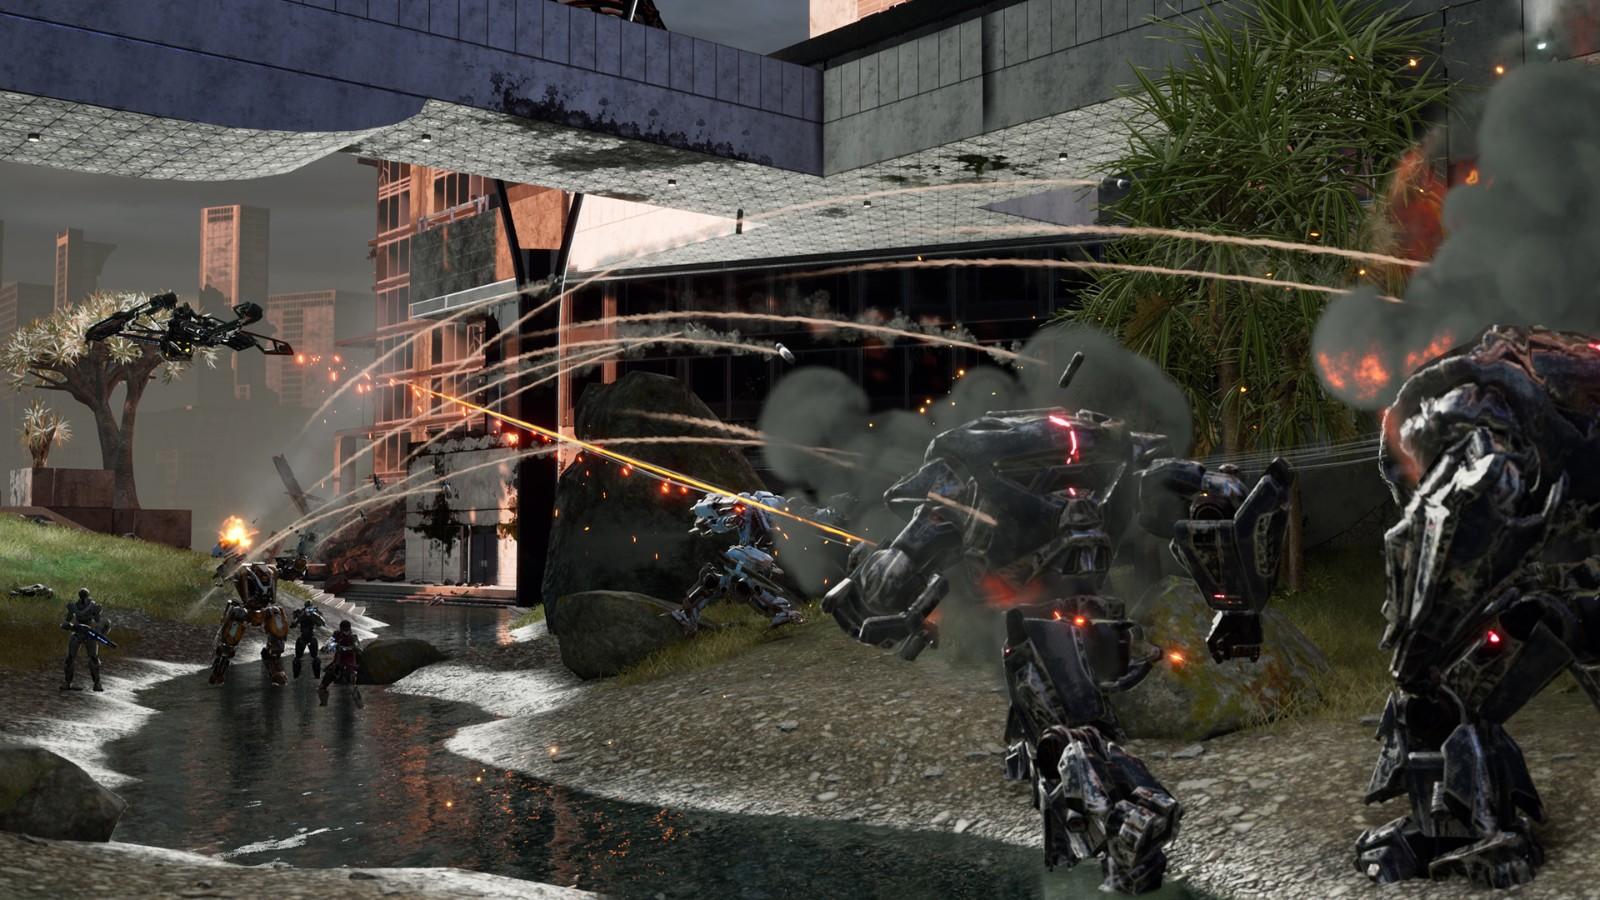 科幻游戏《分离》制作公司V1宣布将正式关闭